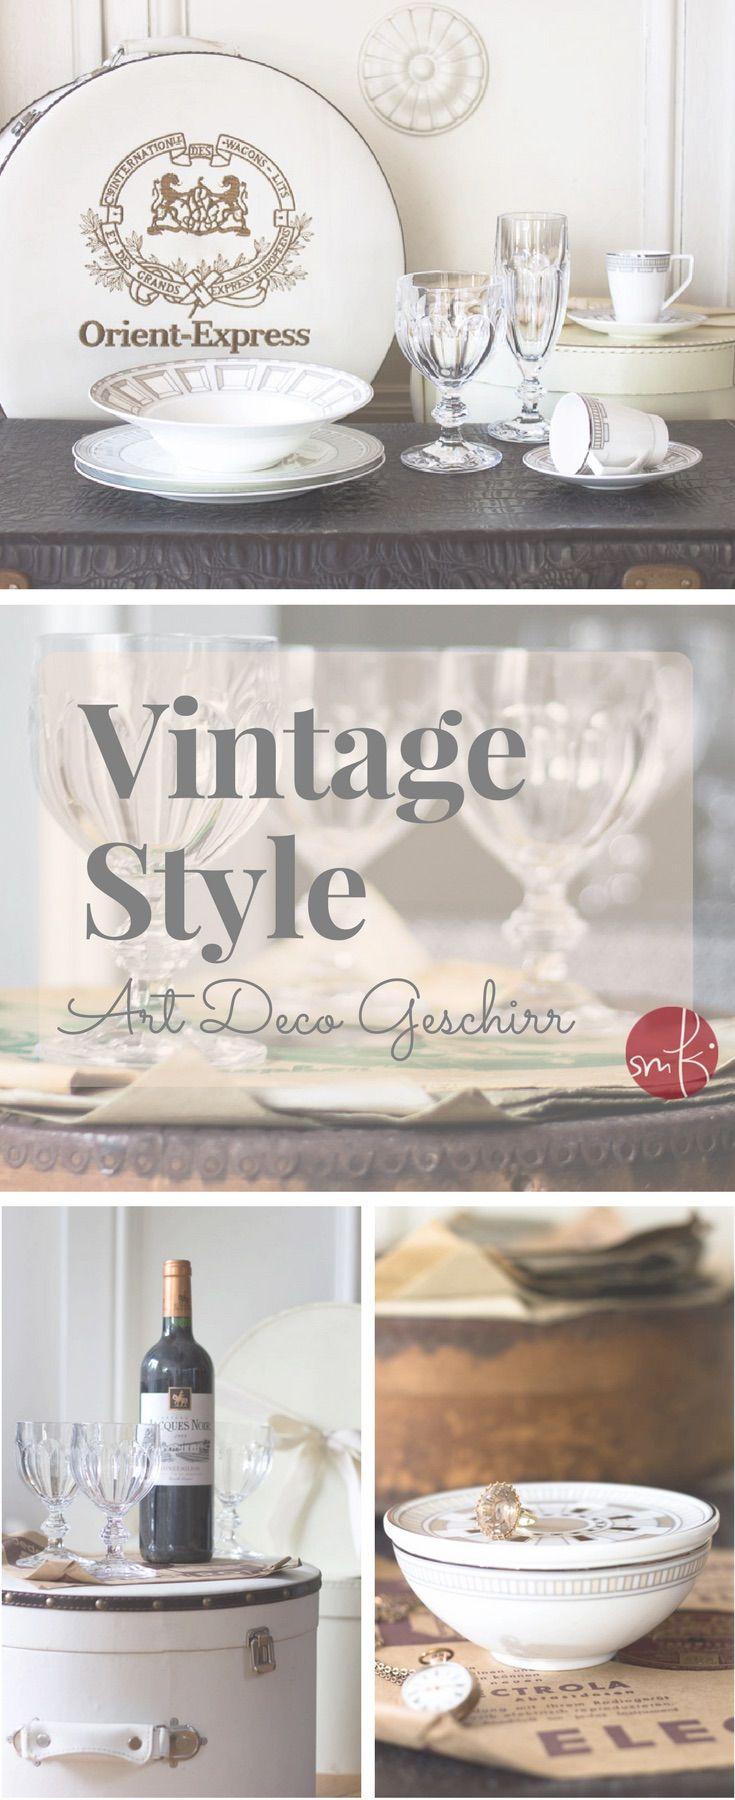 Art Deco Geschirr im Stil der 20er Jahre. Grafisch schlicht und einfach schön!